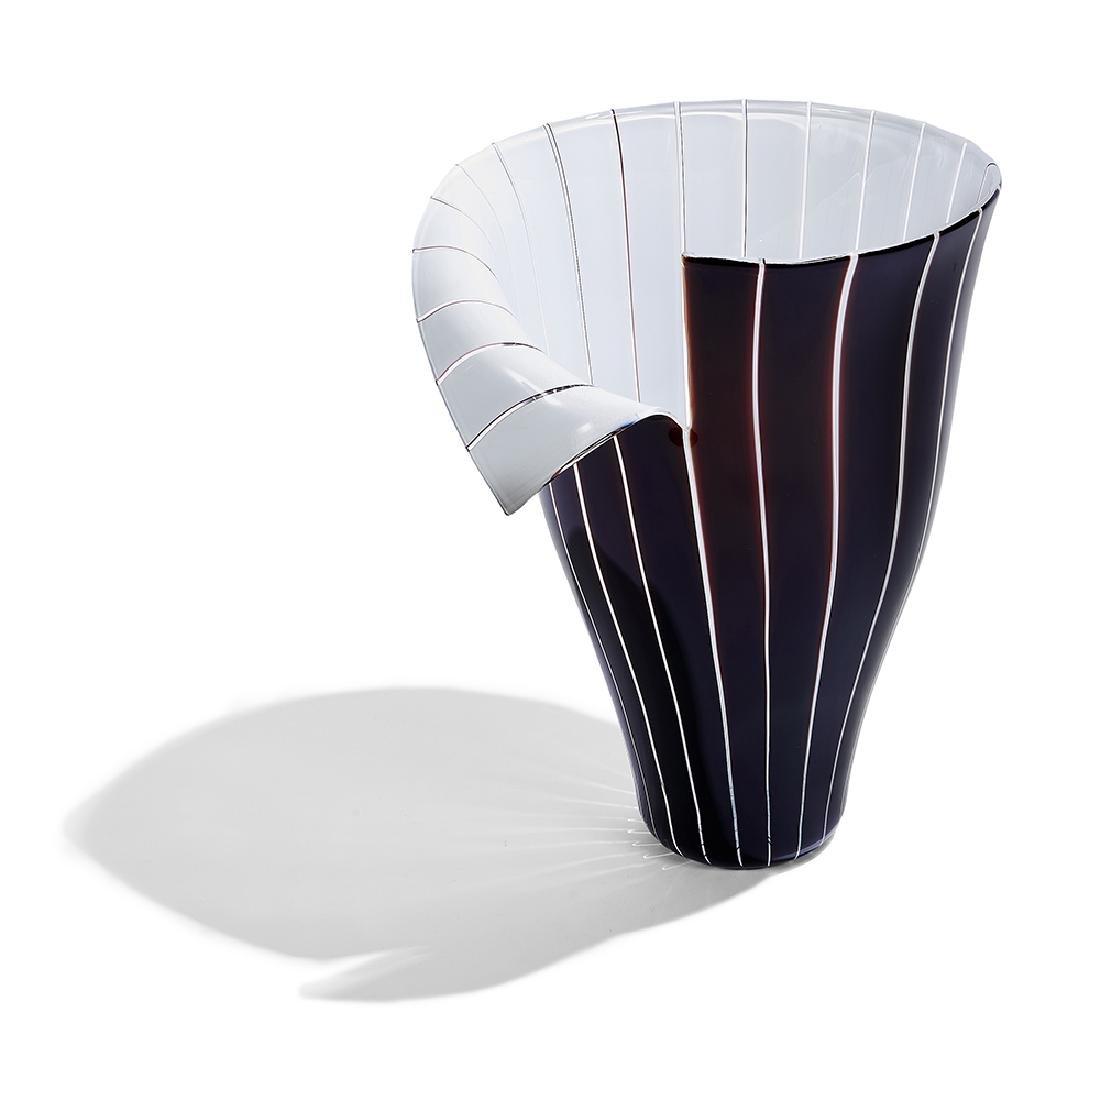 Toni Zuccheri for Barovier & Toso Spacco vase